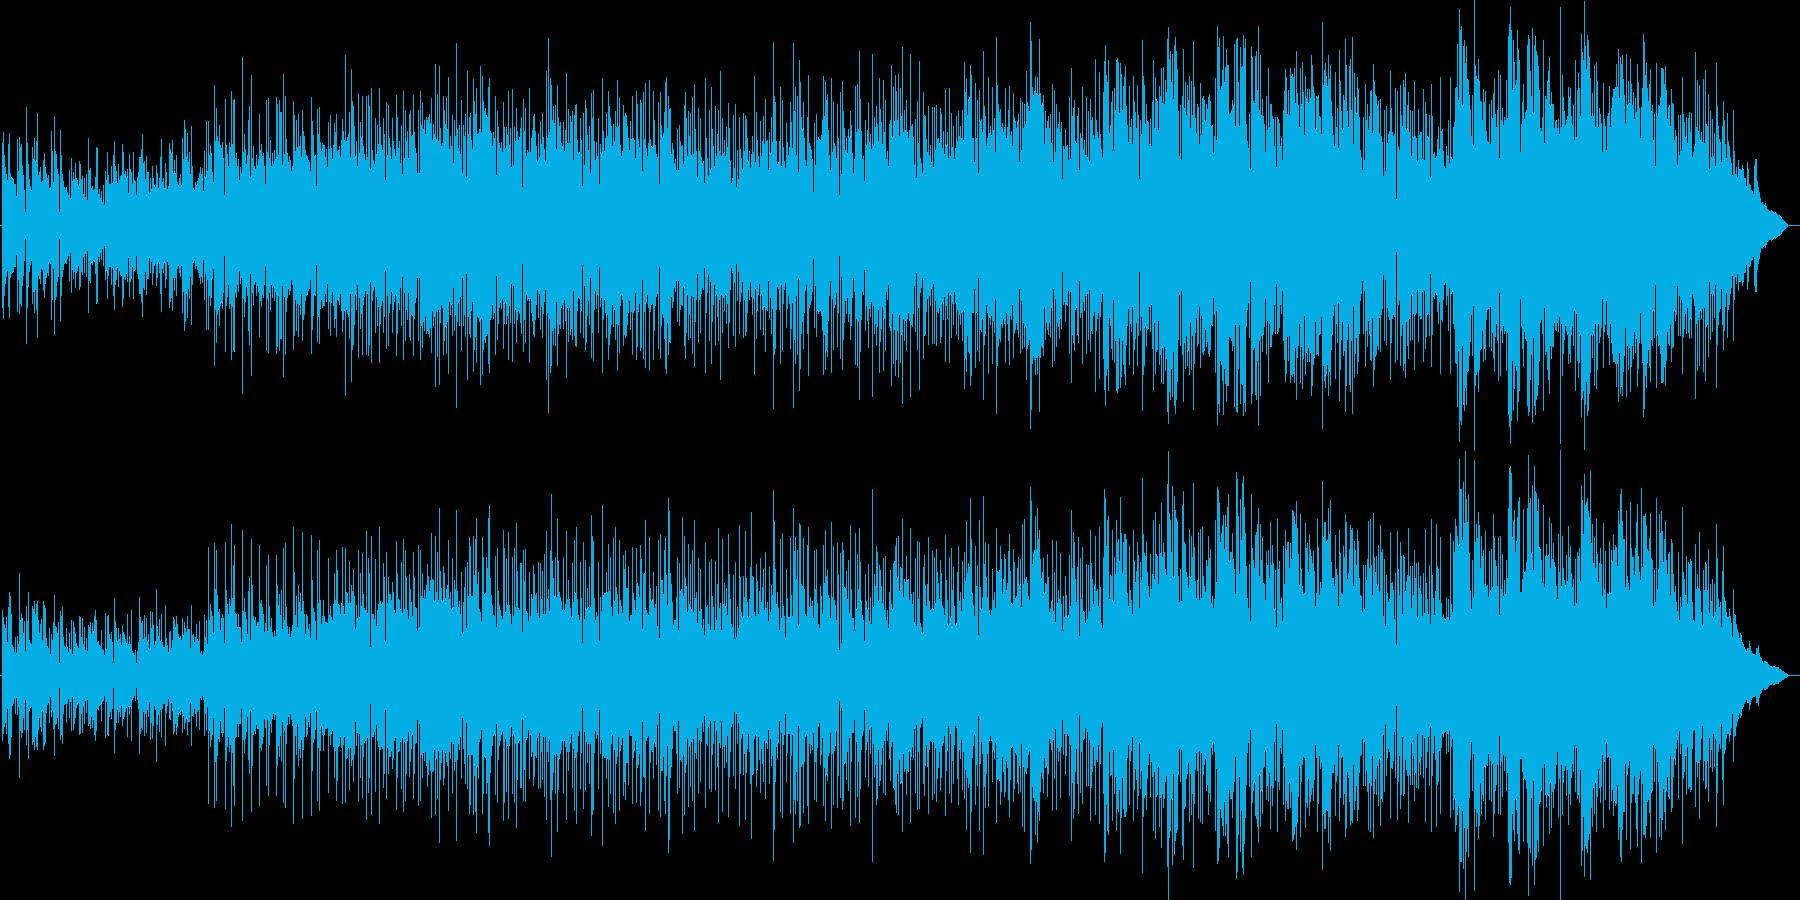 哀愁のある歌入りバラード曲の再生済みの波形